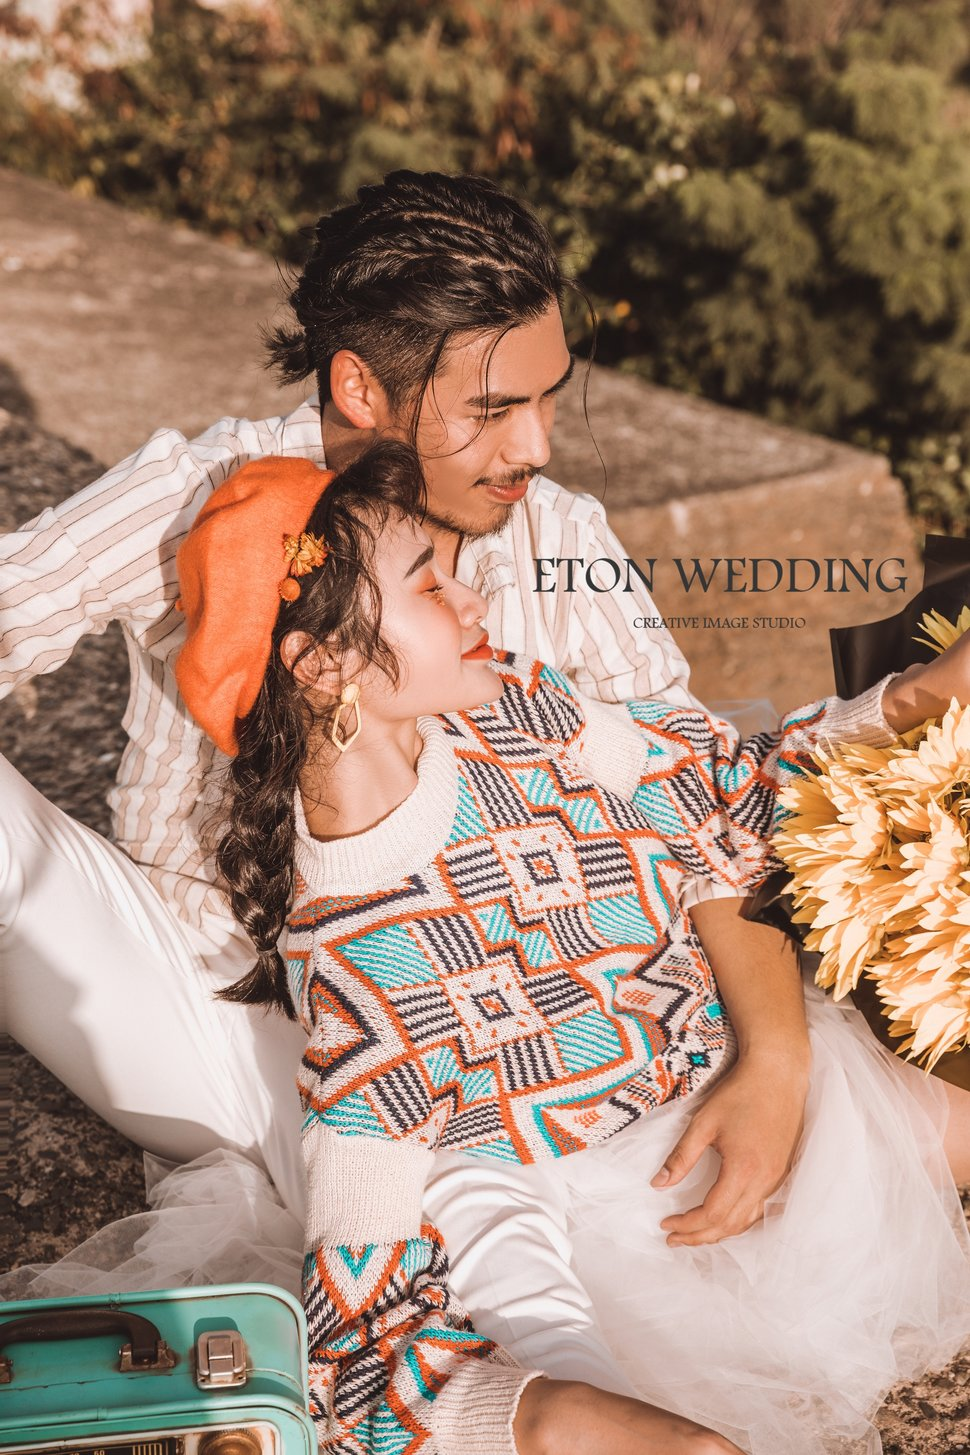 高雄拍婚紗,伊頓自助婚紗 (15) - 伊頓自助婚紗攝影工作室(高雄創始店)《結婚吧》